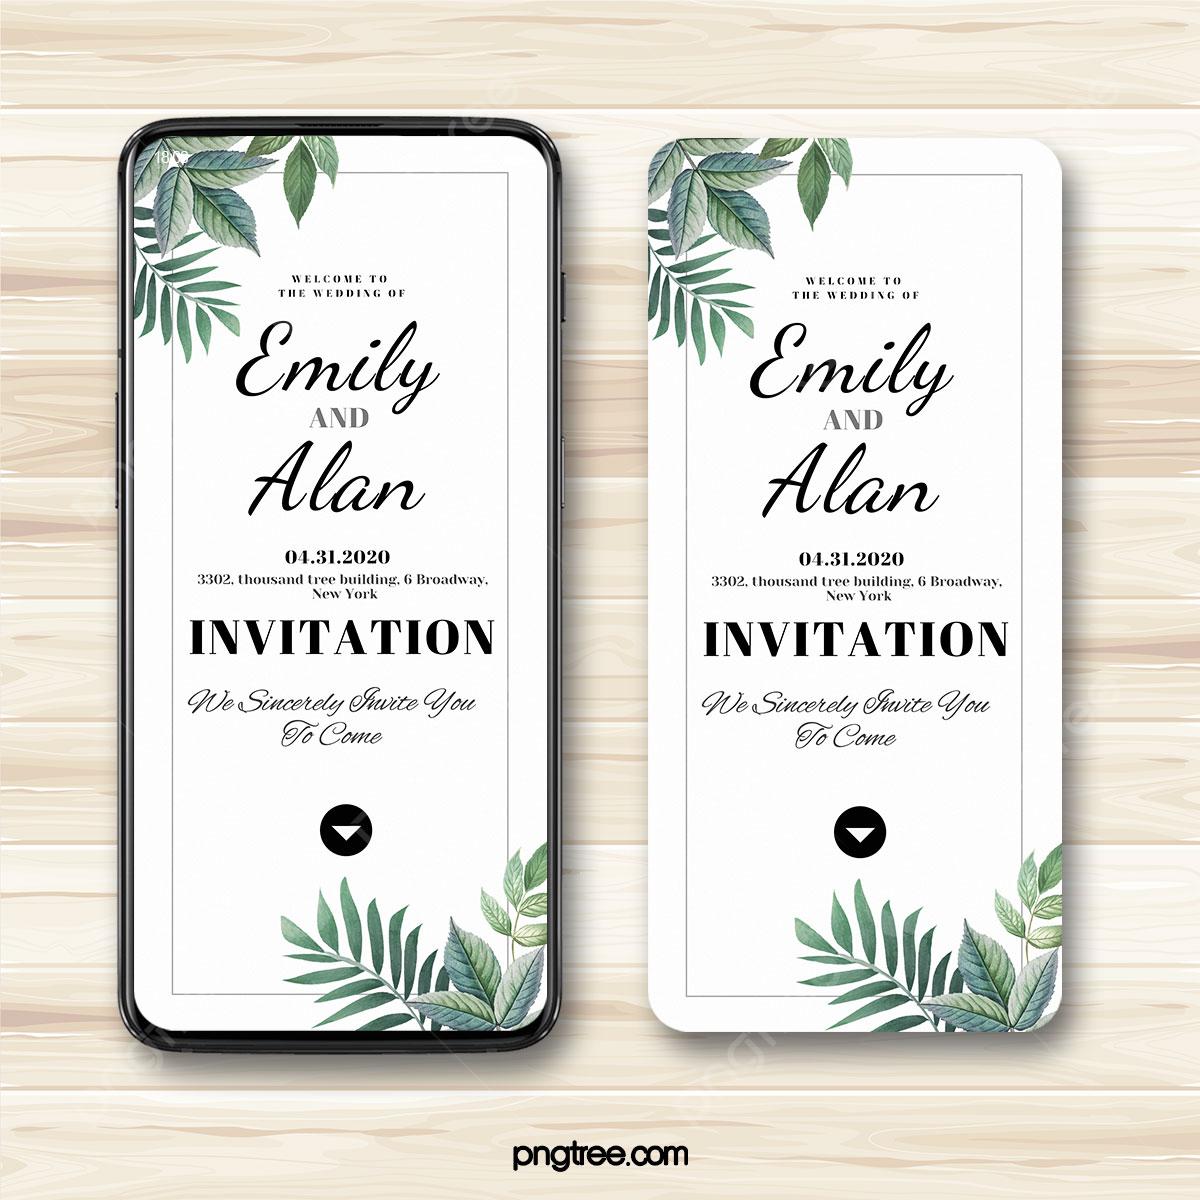 Gambar Jemputan Elektronik Perkahwinan Tanaman Hijau Segar Sederhana Templat Untuk Muat Turun Percuma Di Pngtree